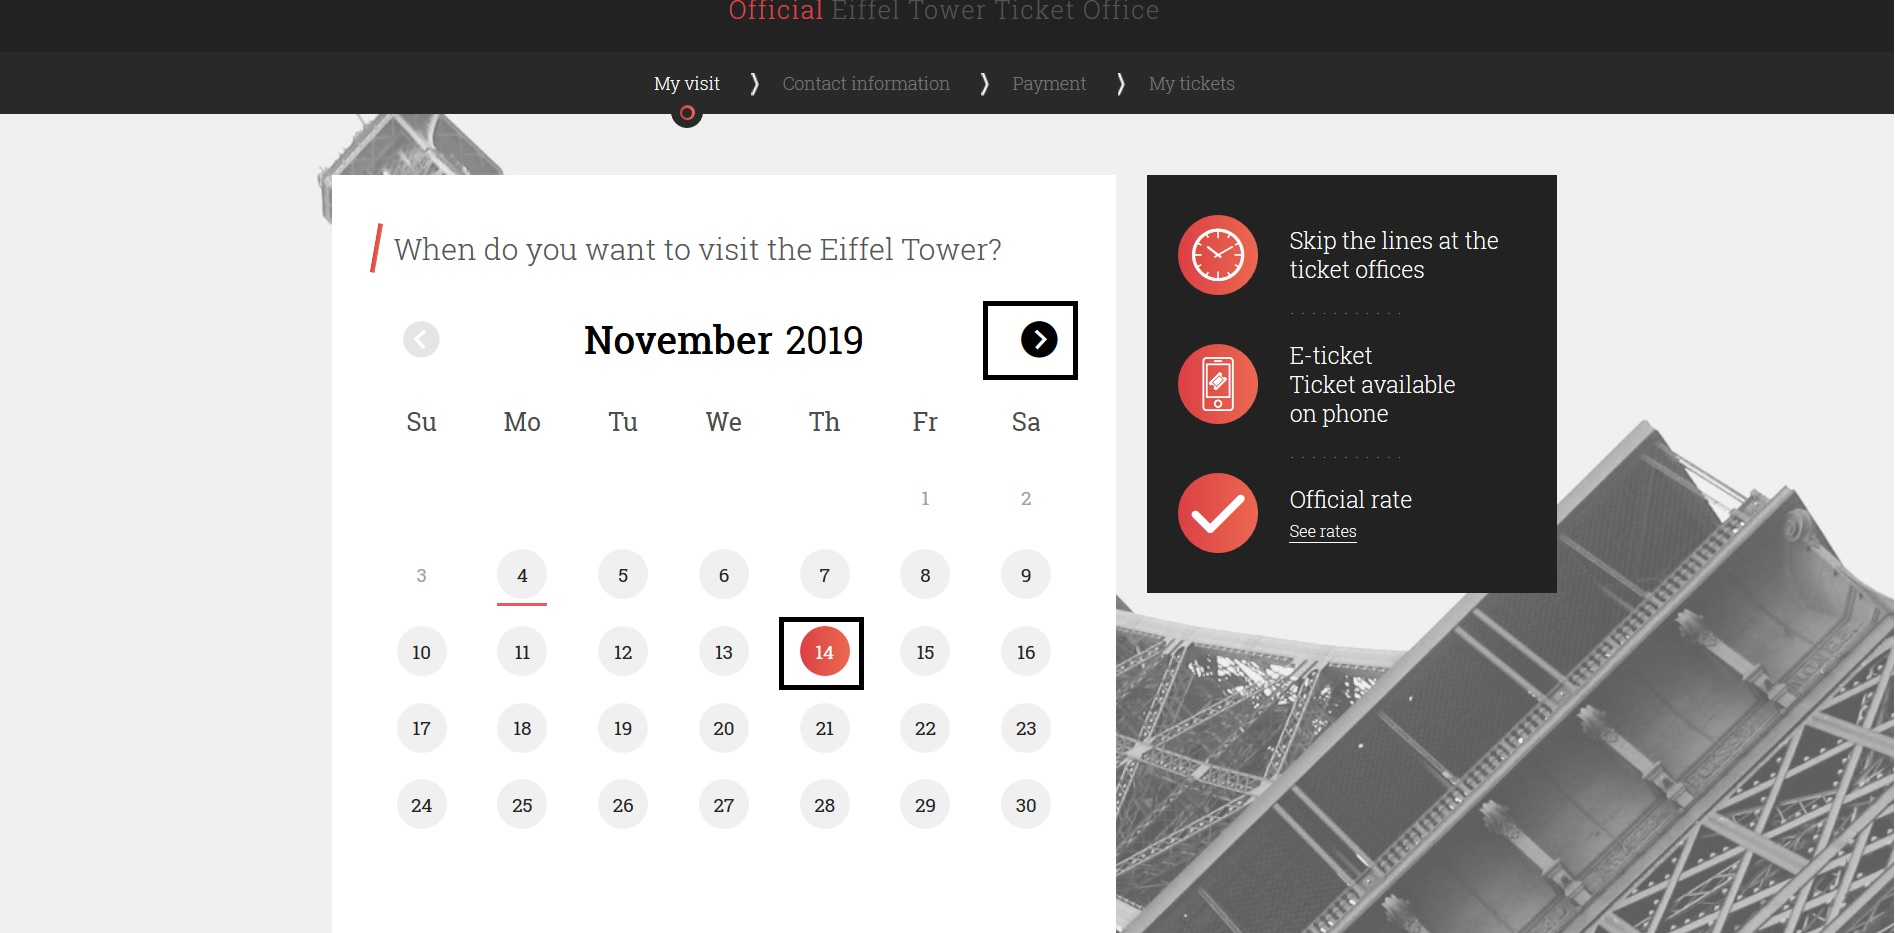 2) エッフェル塔を見学する日付を選択